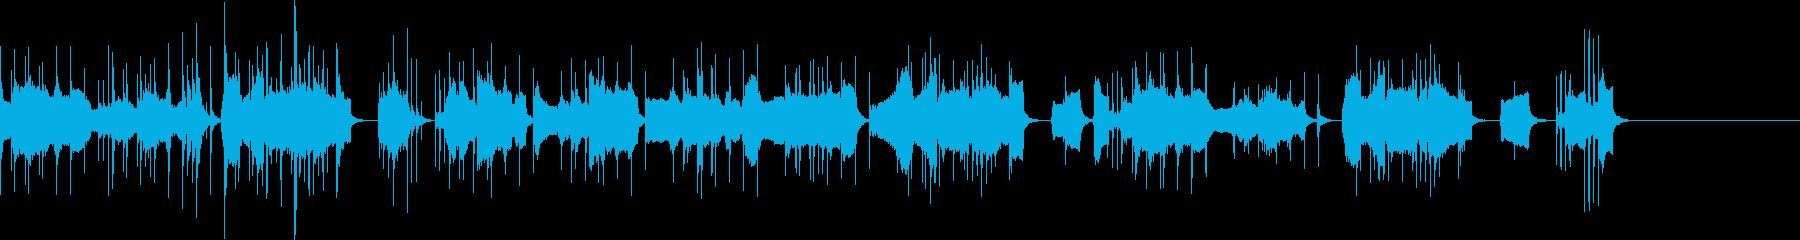 コミカルな低音楽器メインの曲の再生済みの波形